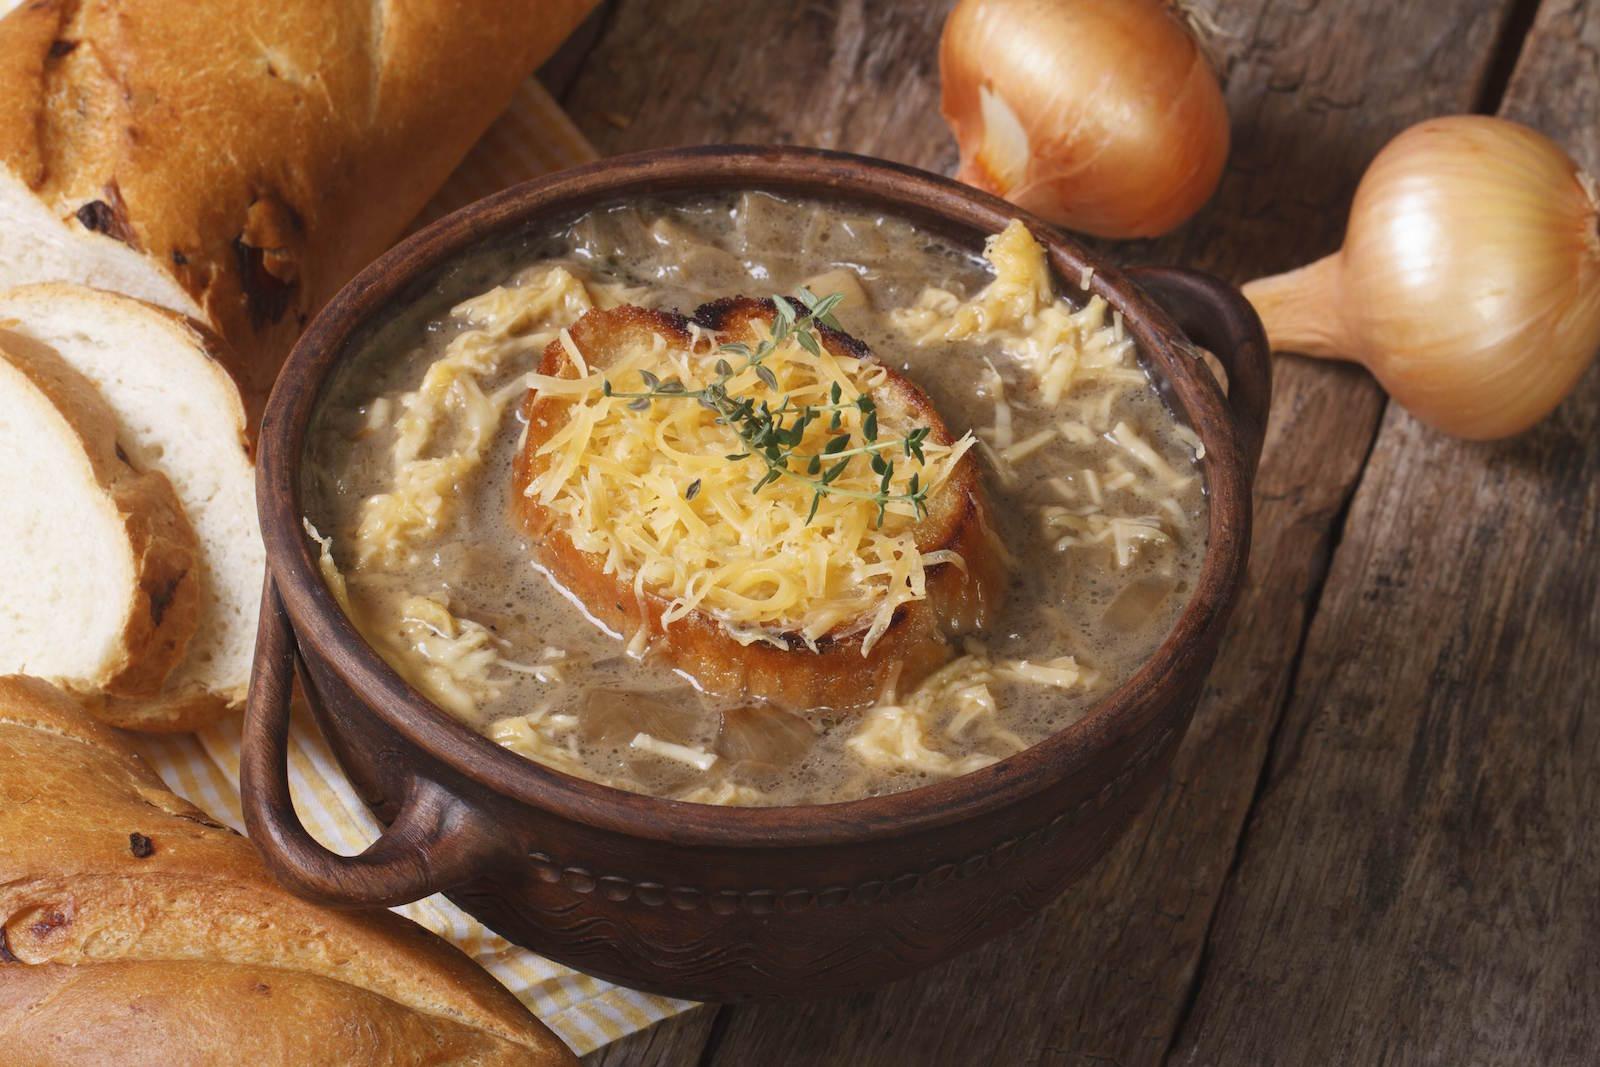 луковый суп рецепт классический для французский мука брутто